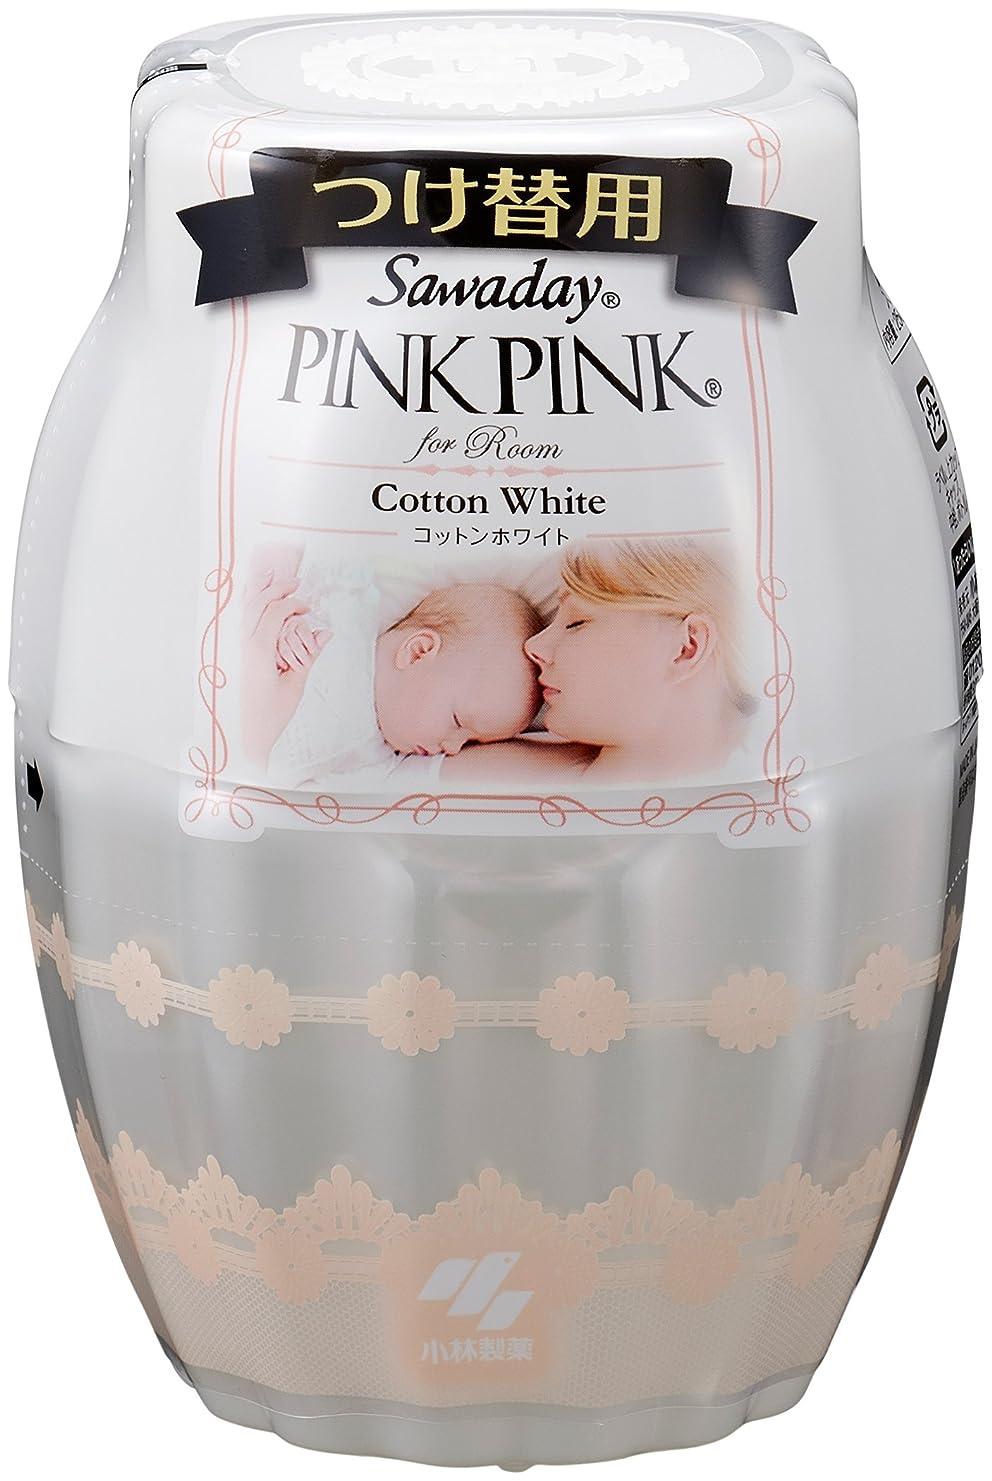 徴収明らかにするレンジサワデーピンクピンク 消臭芳香剤 部屋用 詰め替え用 コットンホワイト 250ml